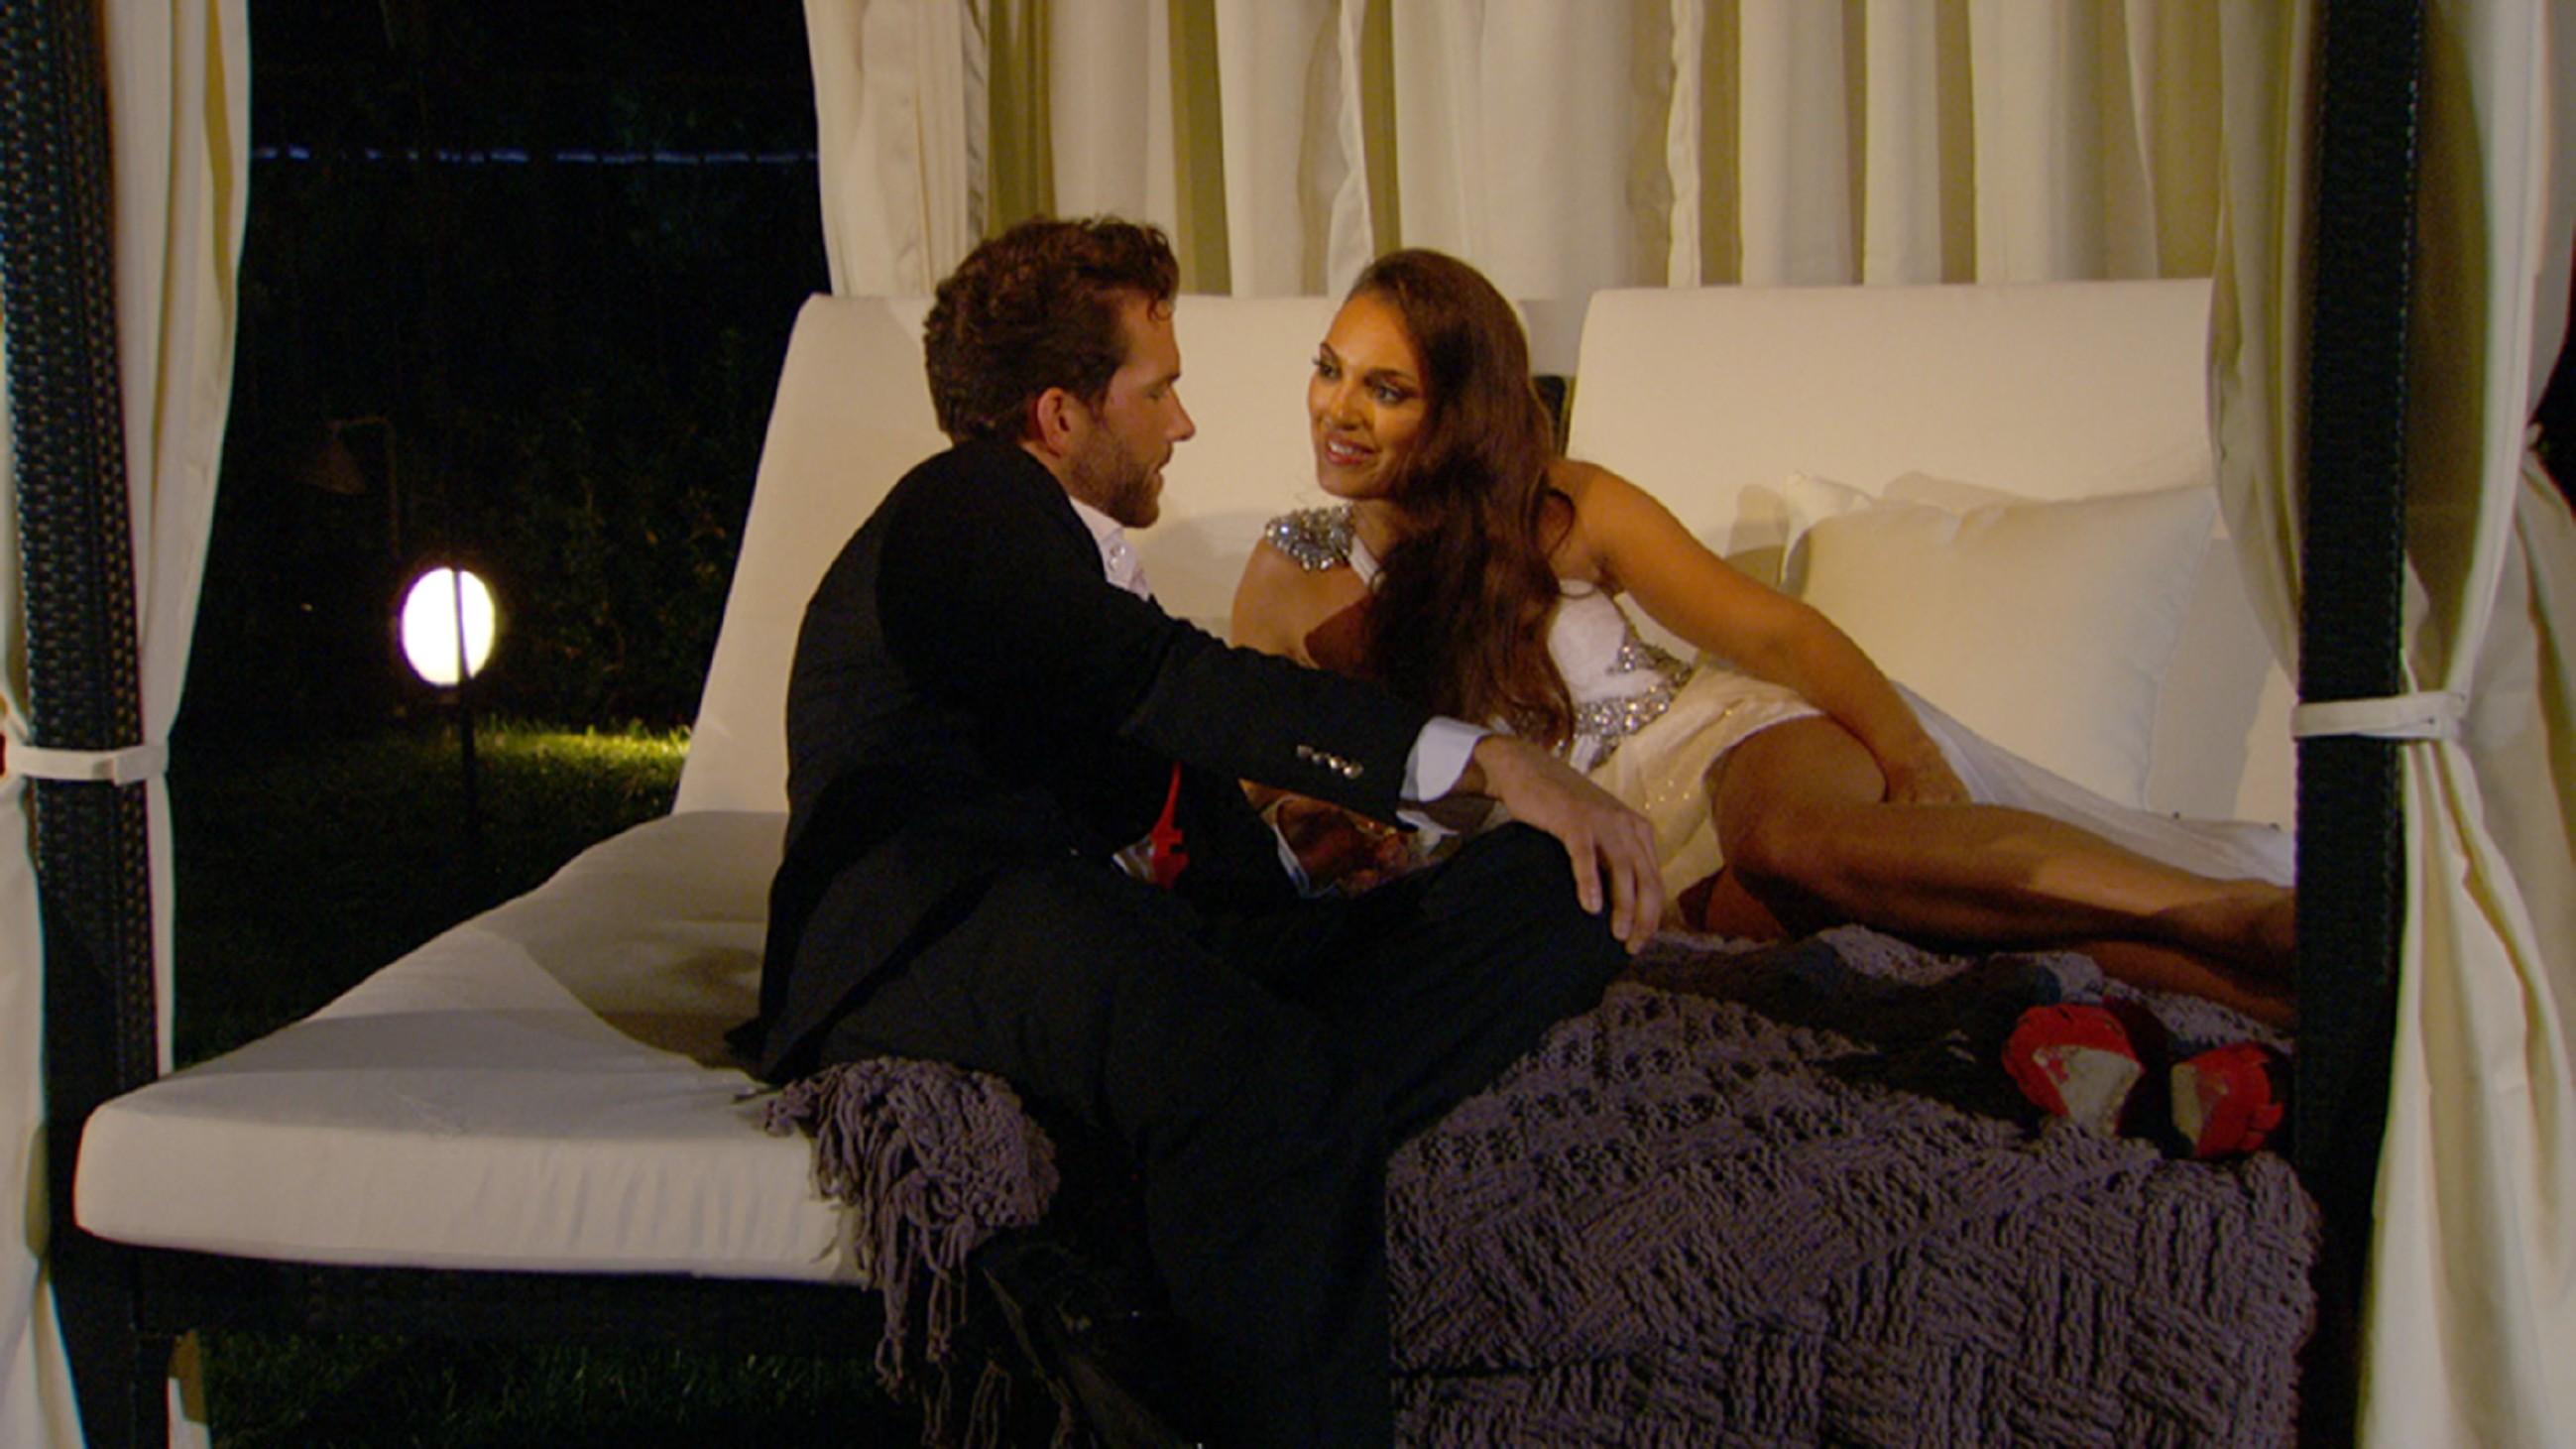 Der Bachelor 2015 - Folge 1 - Oliver und Susanna flirten